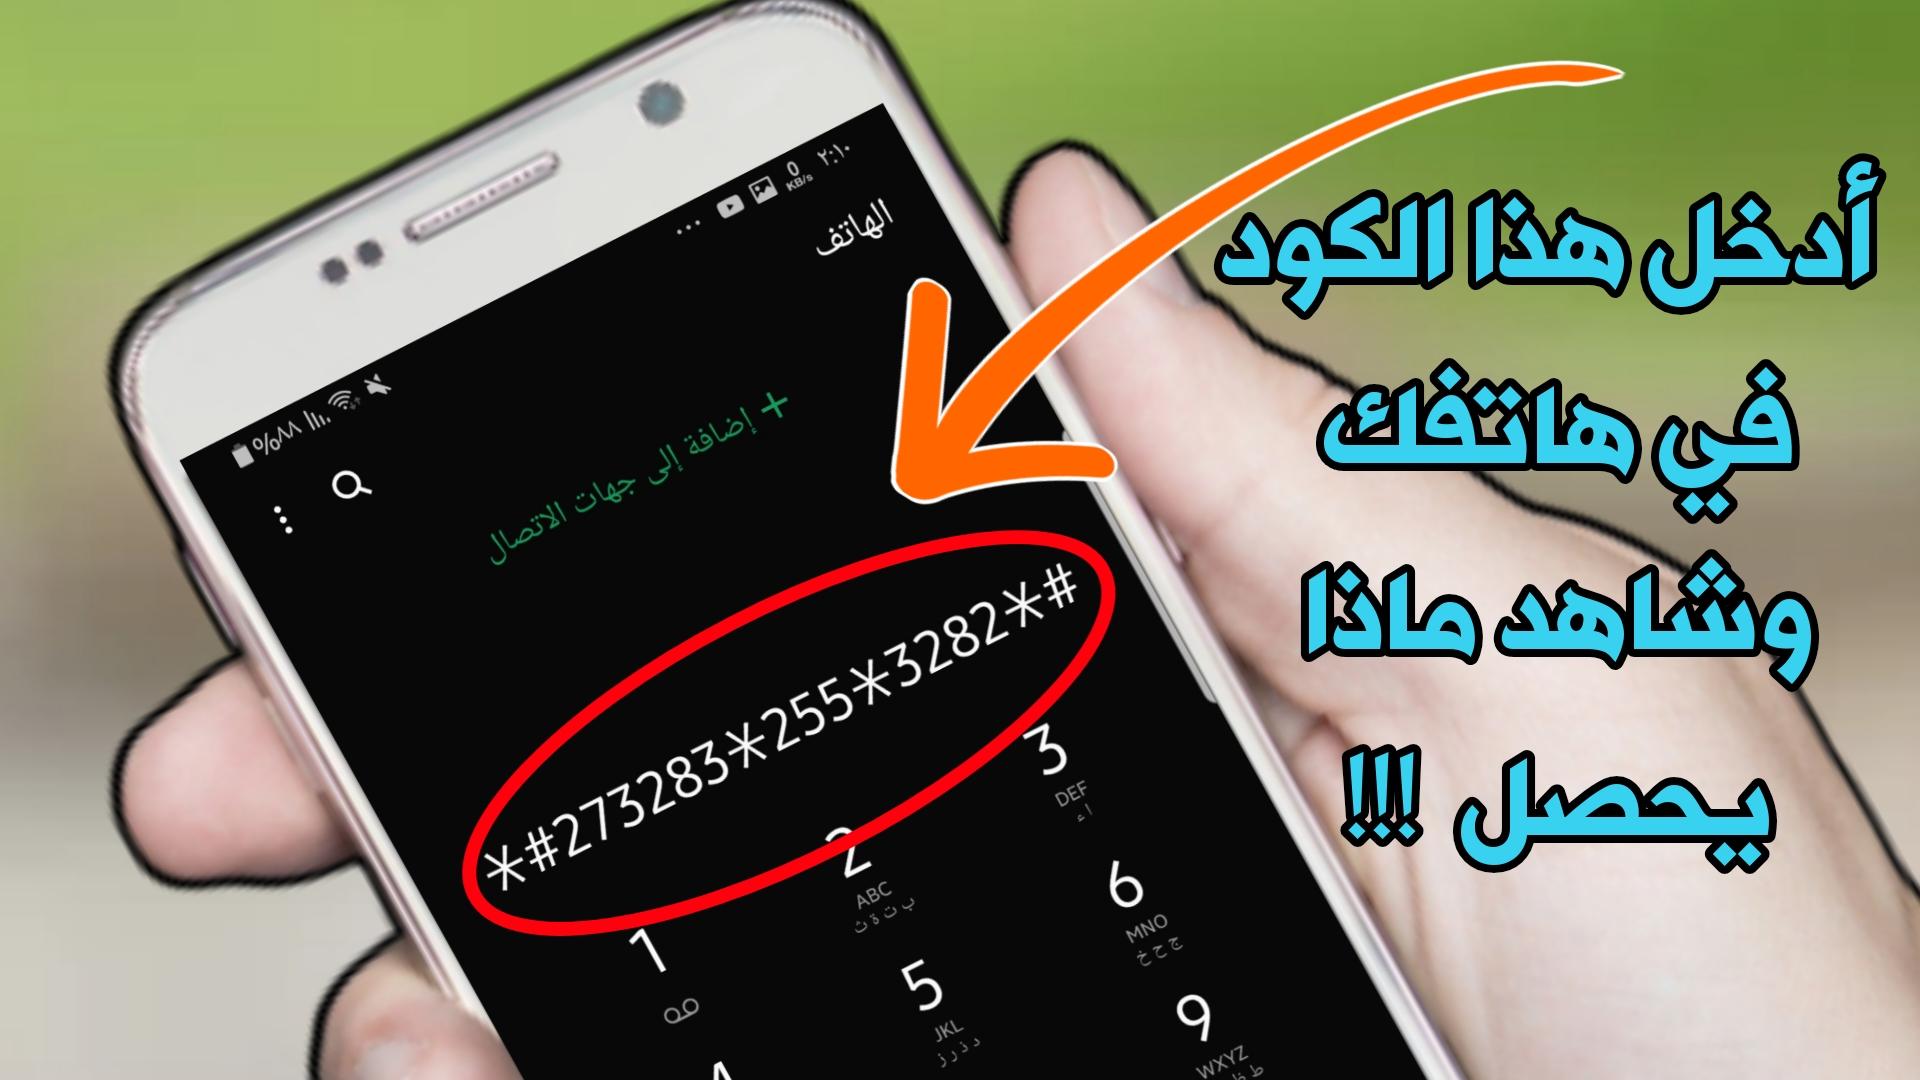 أدخل هذا الكود في هاتفك وشاهد ماذا يحصل !!!